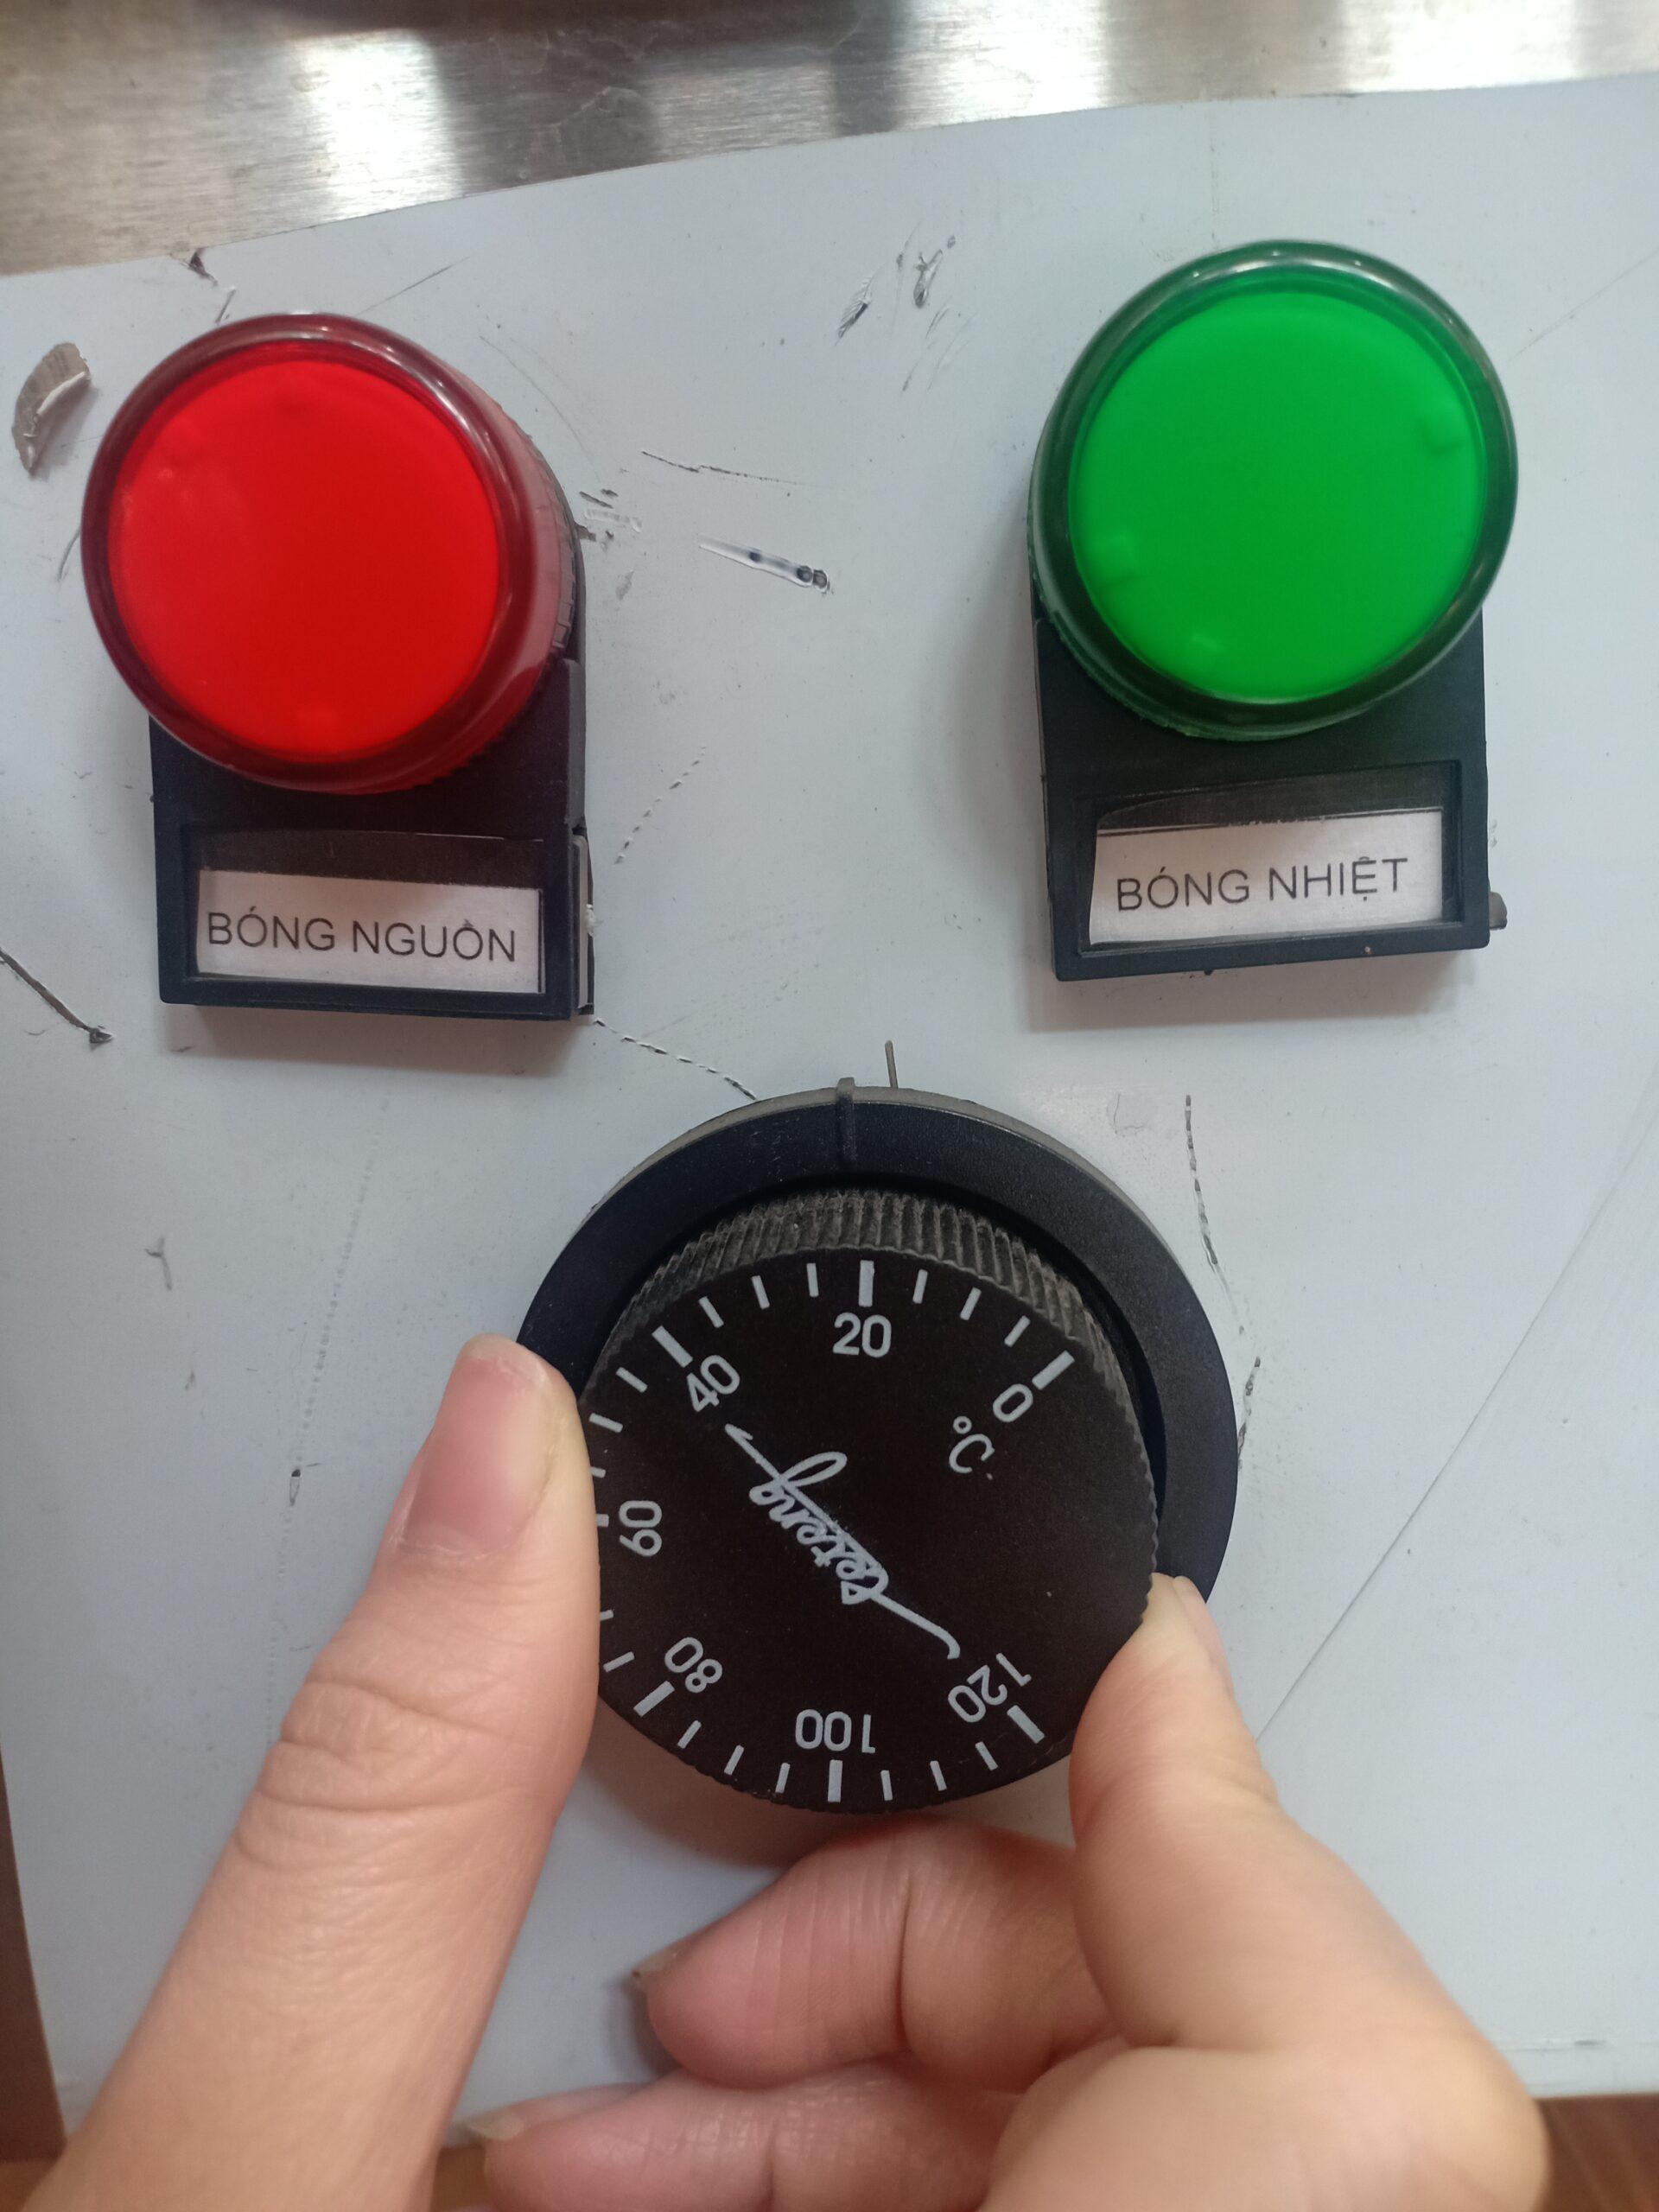 Tự chỉnh và kiểm soát nhiệt độ